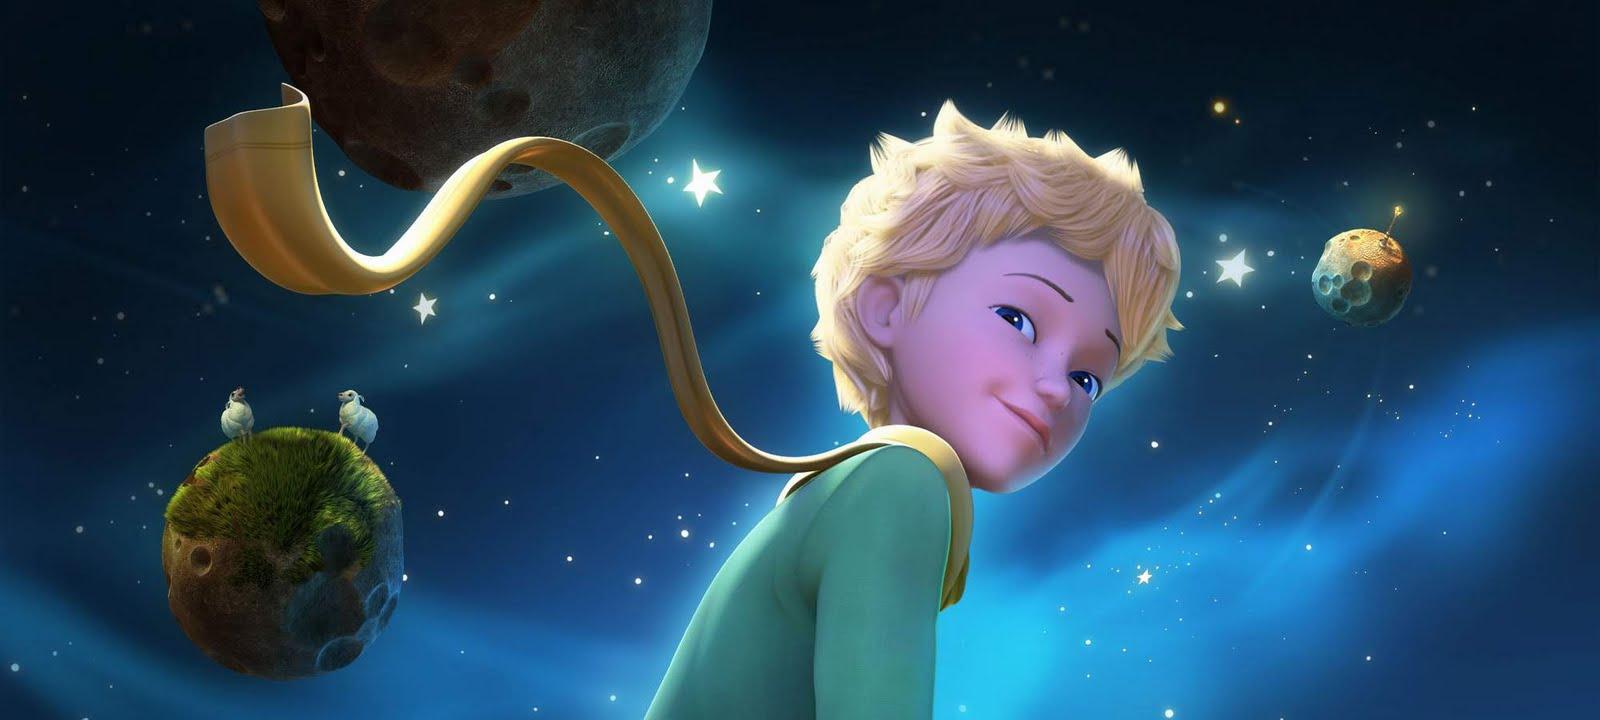 Cine Informacion y mas: Discovery Kids presenta 'El